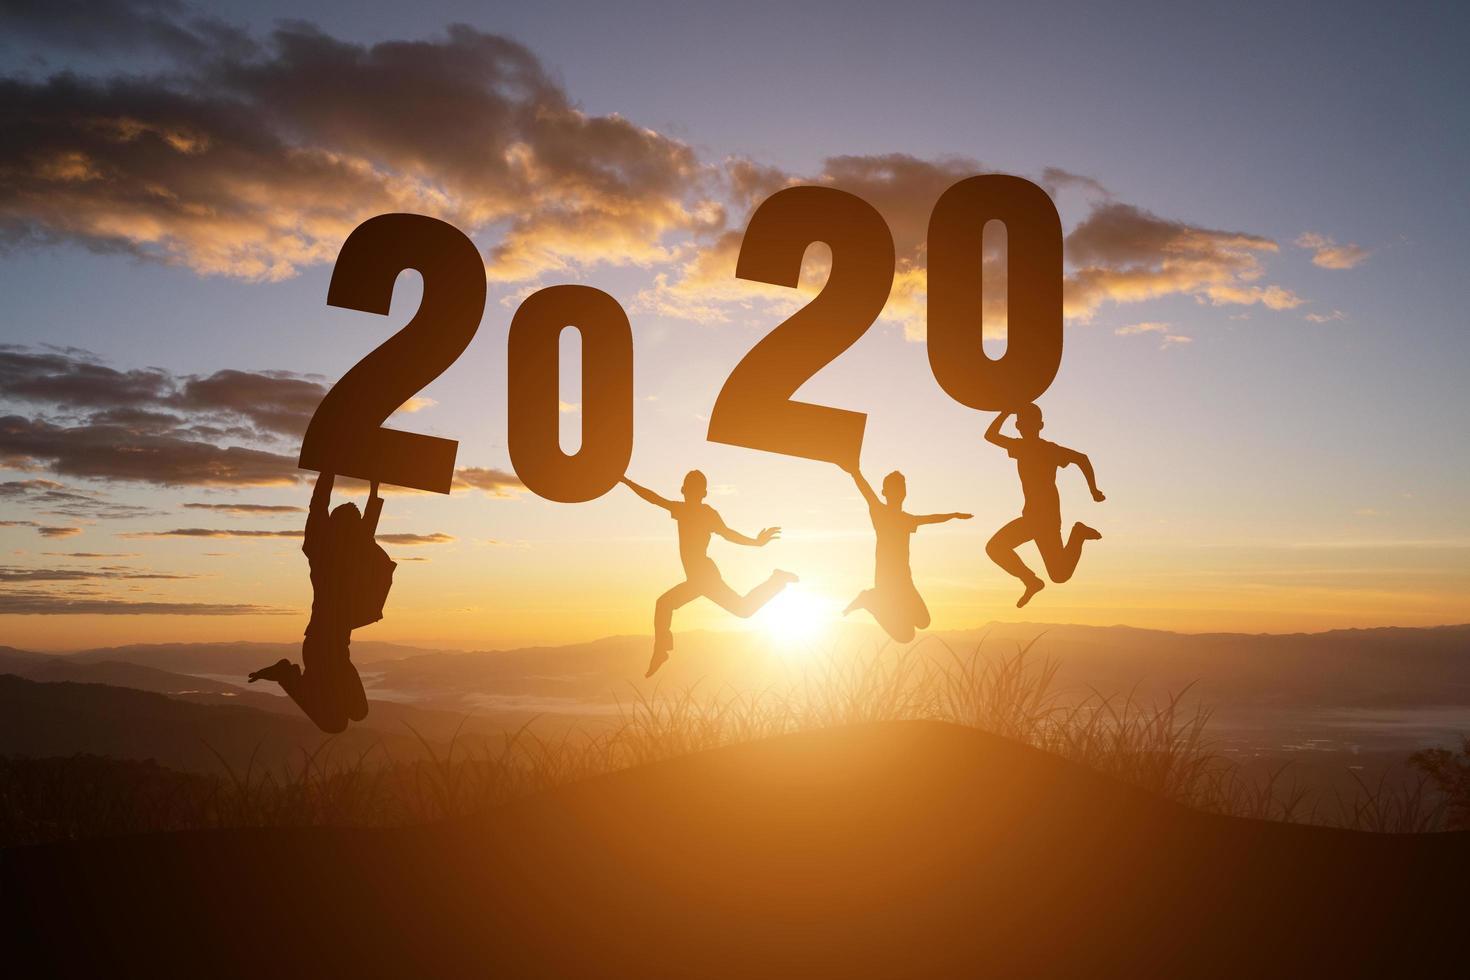 silueta del número 2020 en el fondo del atardecer foto